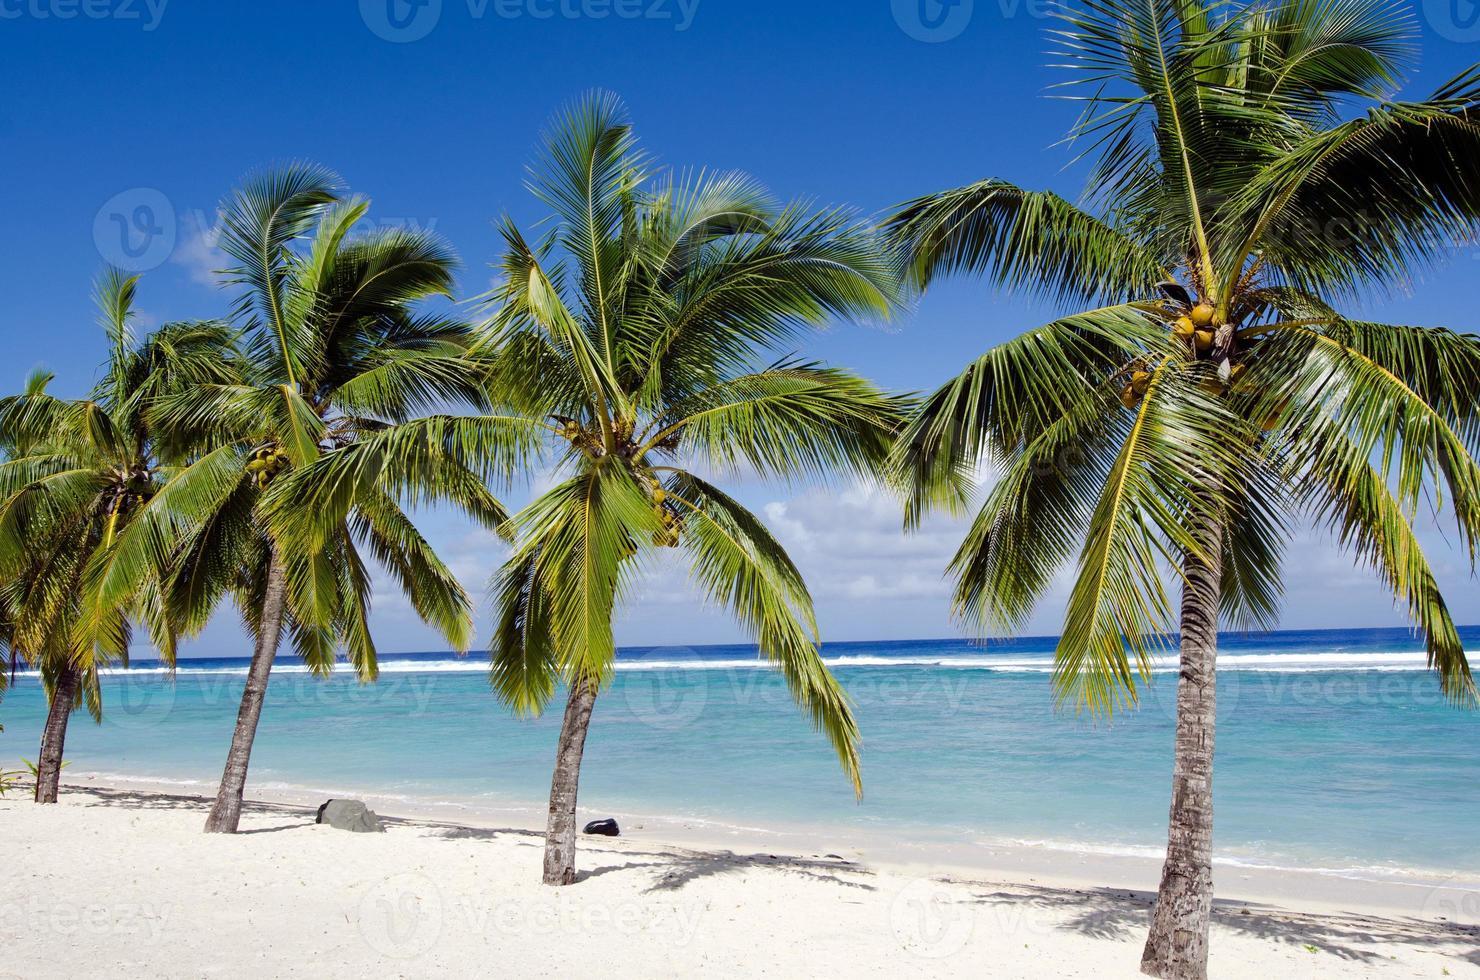 Titikaveka beach in Rarotonga Cook Islands photo